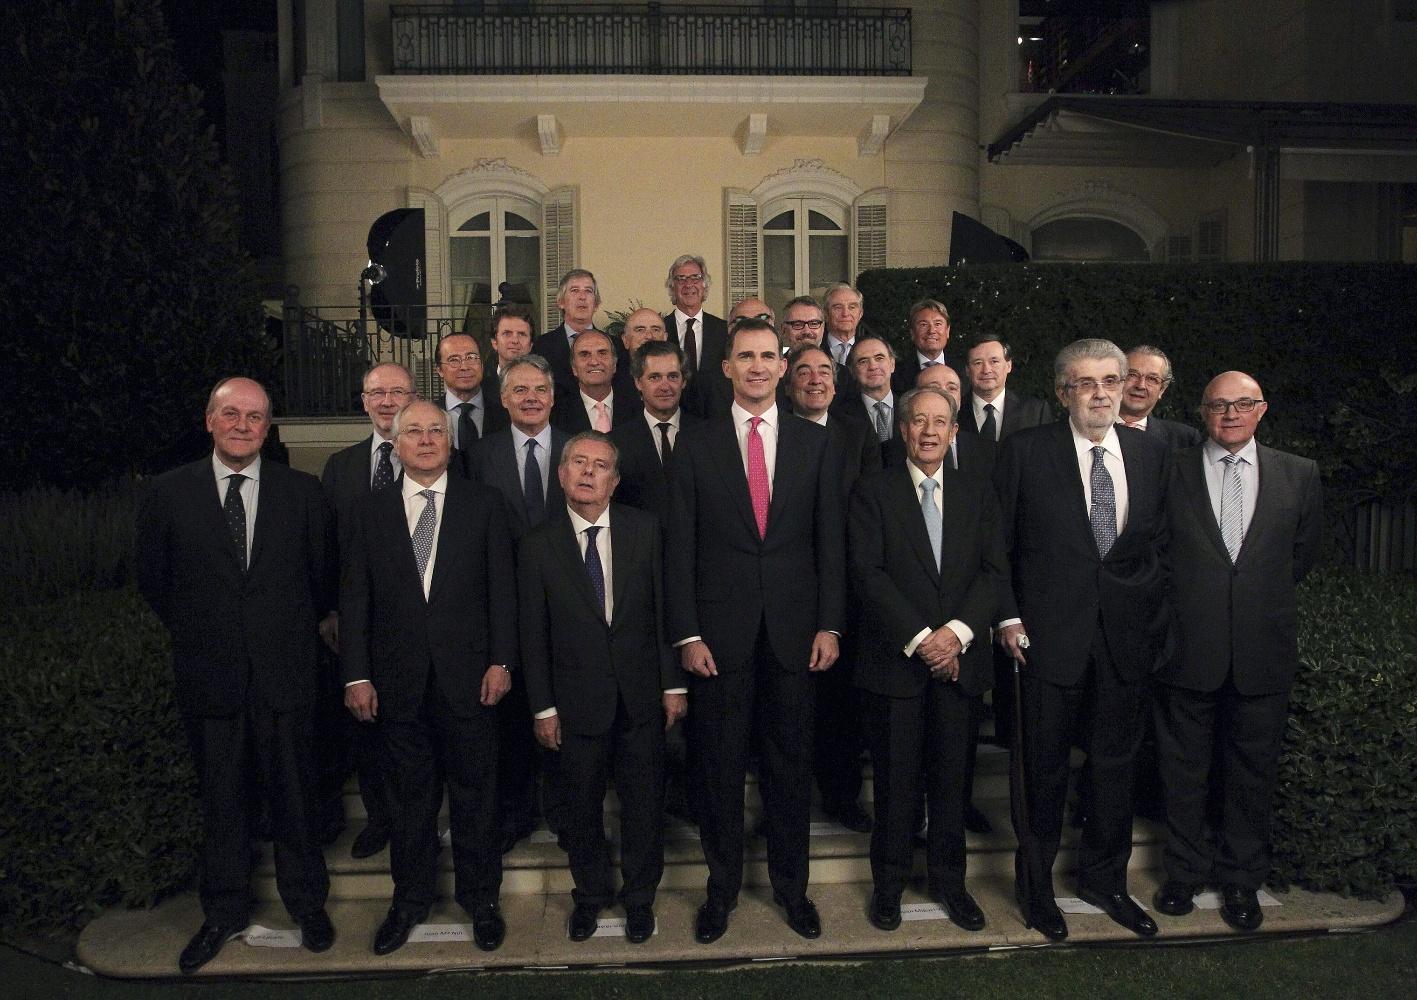 EL PRÍNCIPE CENA EN BARCELONA CON UN FORO DE EMPRESARIOS DE CATALUÑA Y MADRID